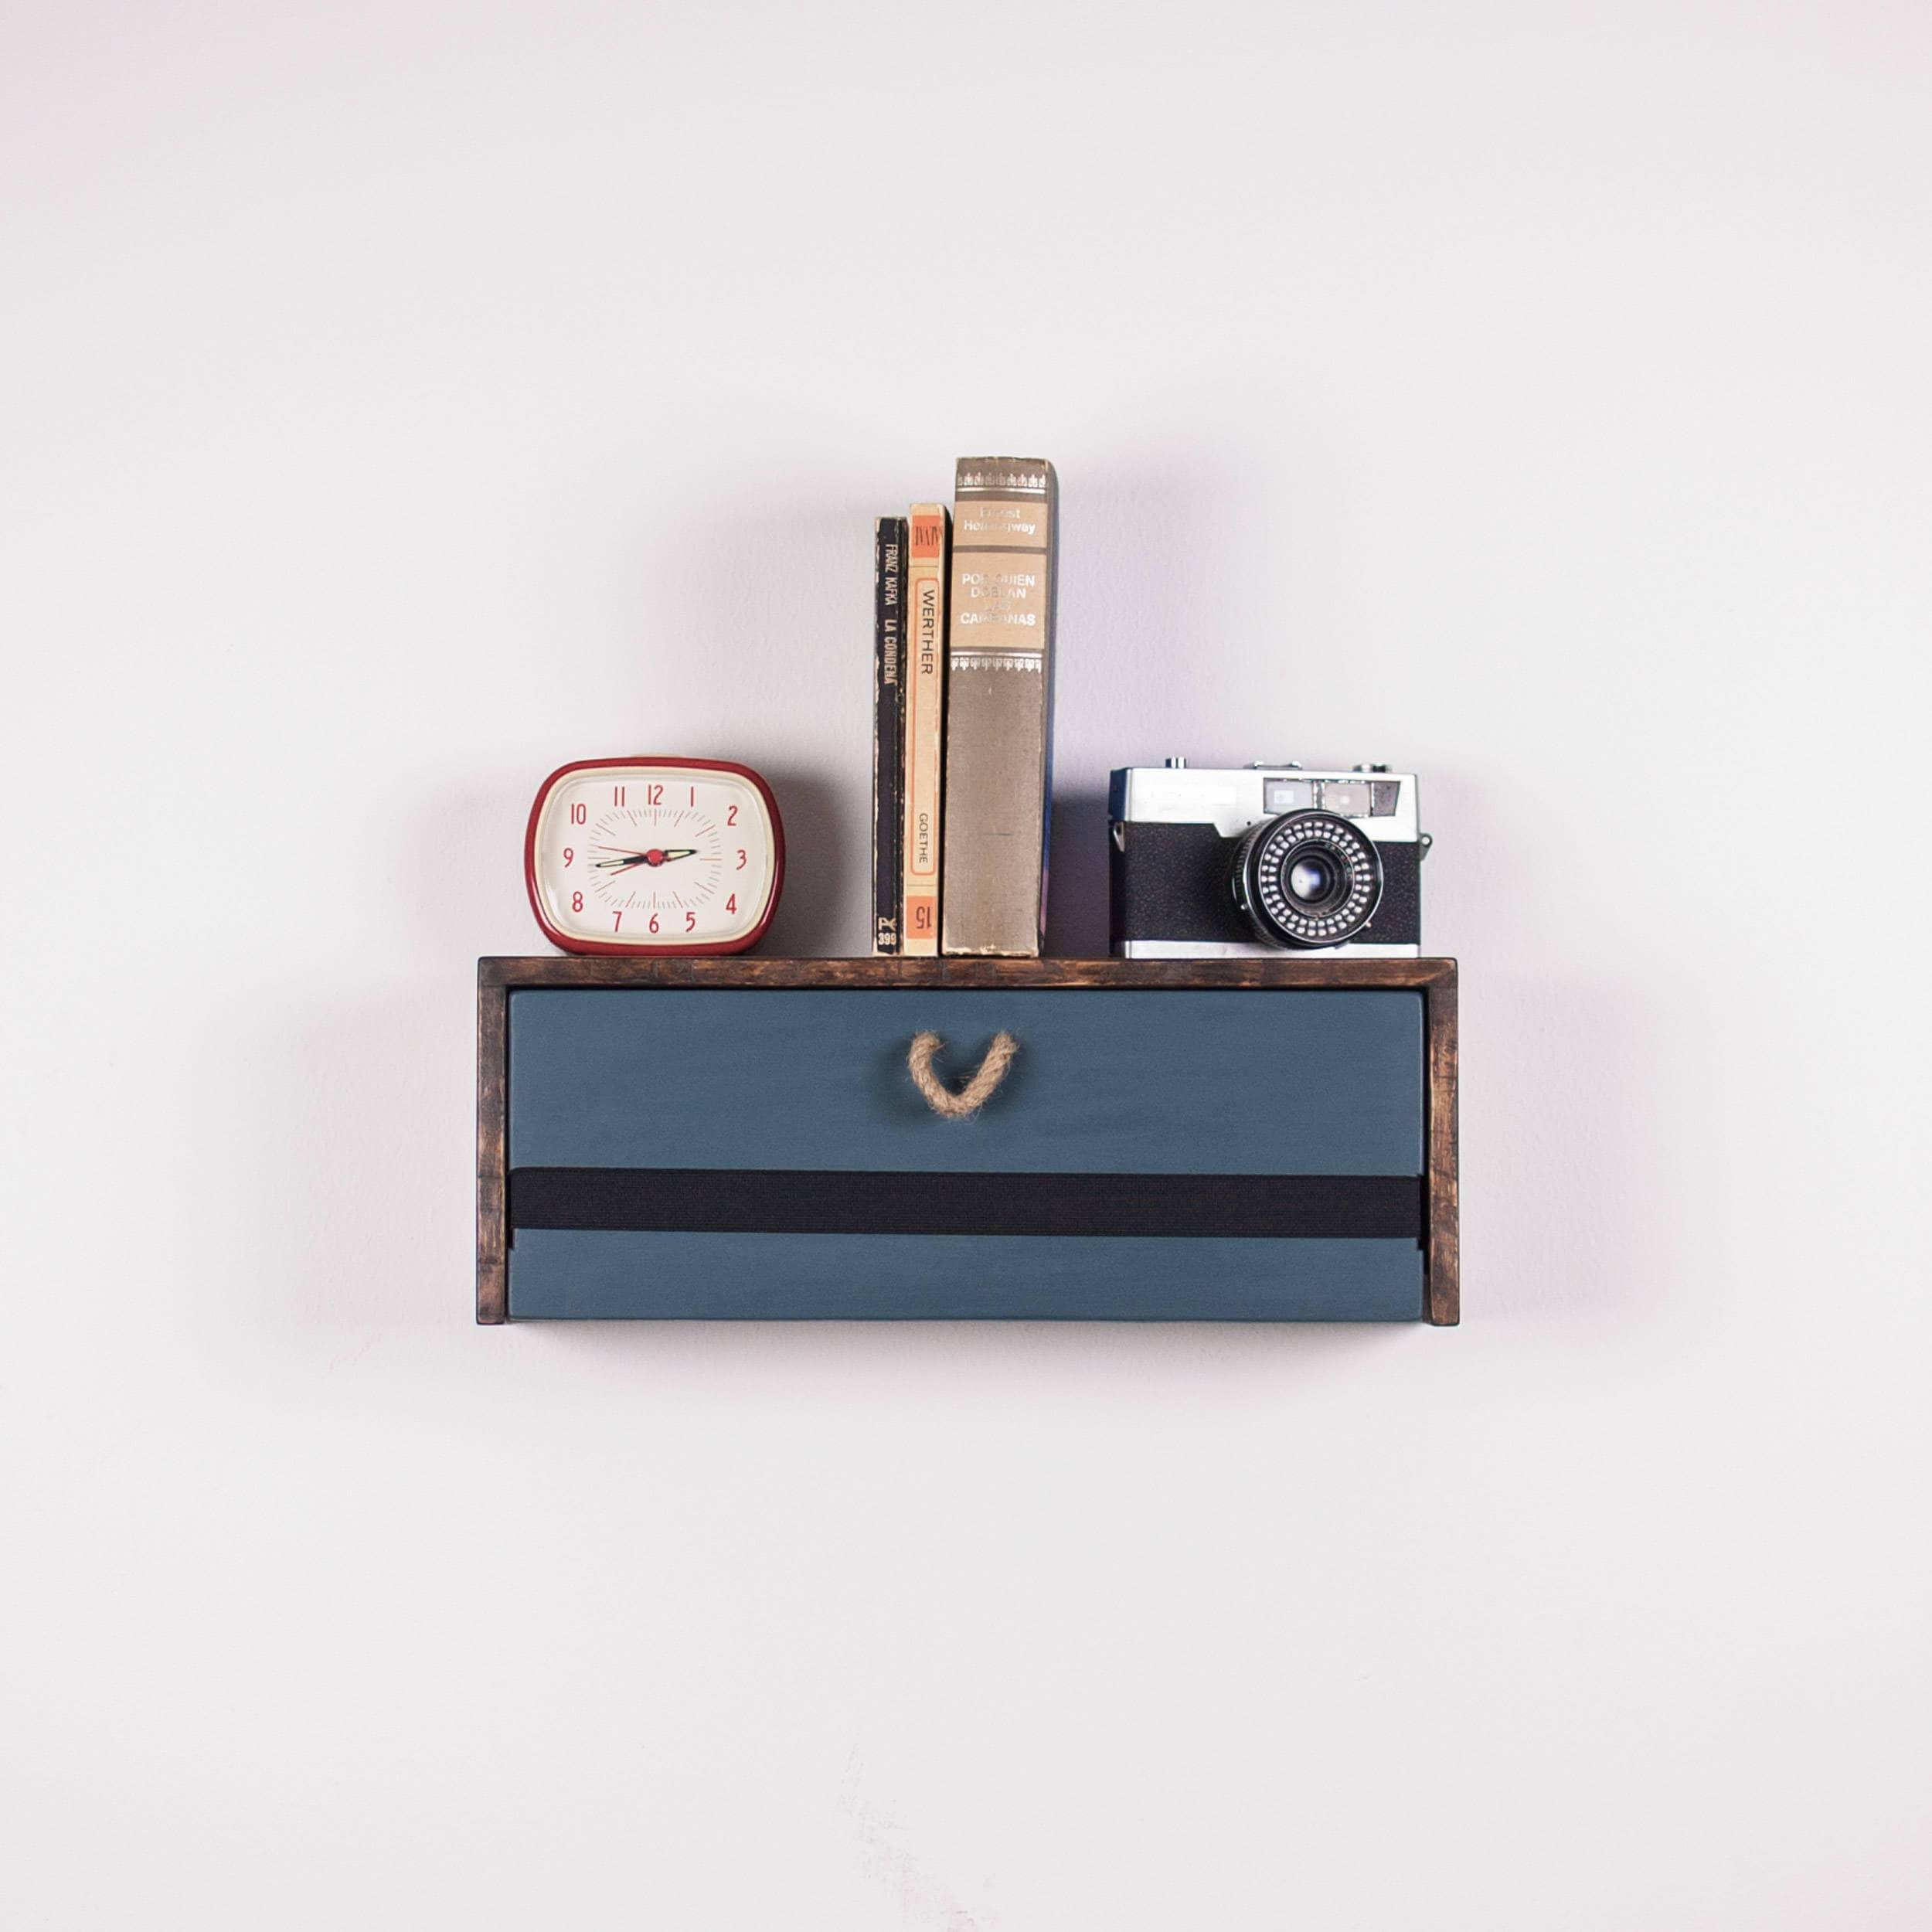 Groß Benutzerdefinierte Holz Küchenschublade Organisatoren Ideen ...